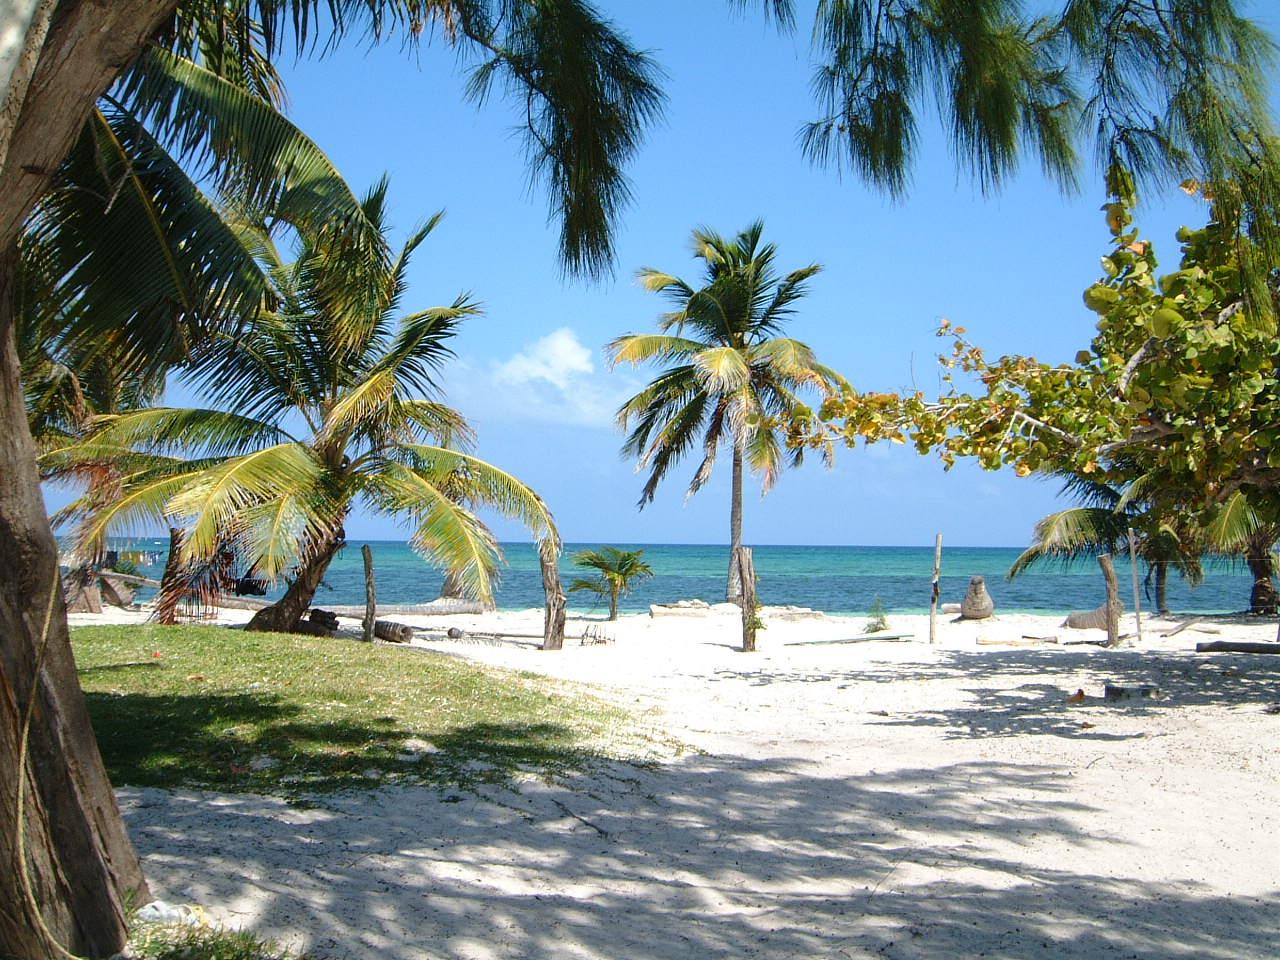 Mahahual Mexico  city images : De Mahahual | Fotos de Playas de Mexico, Fotos de Playas en Mexico ...